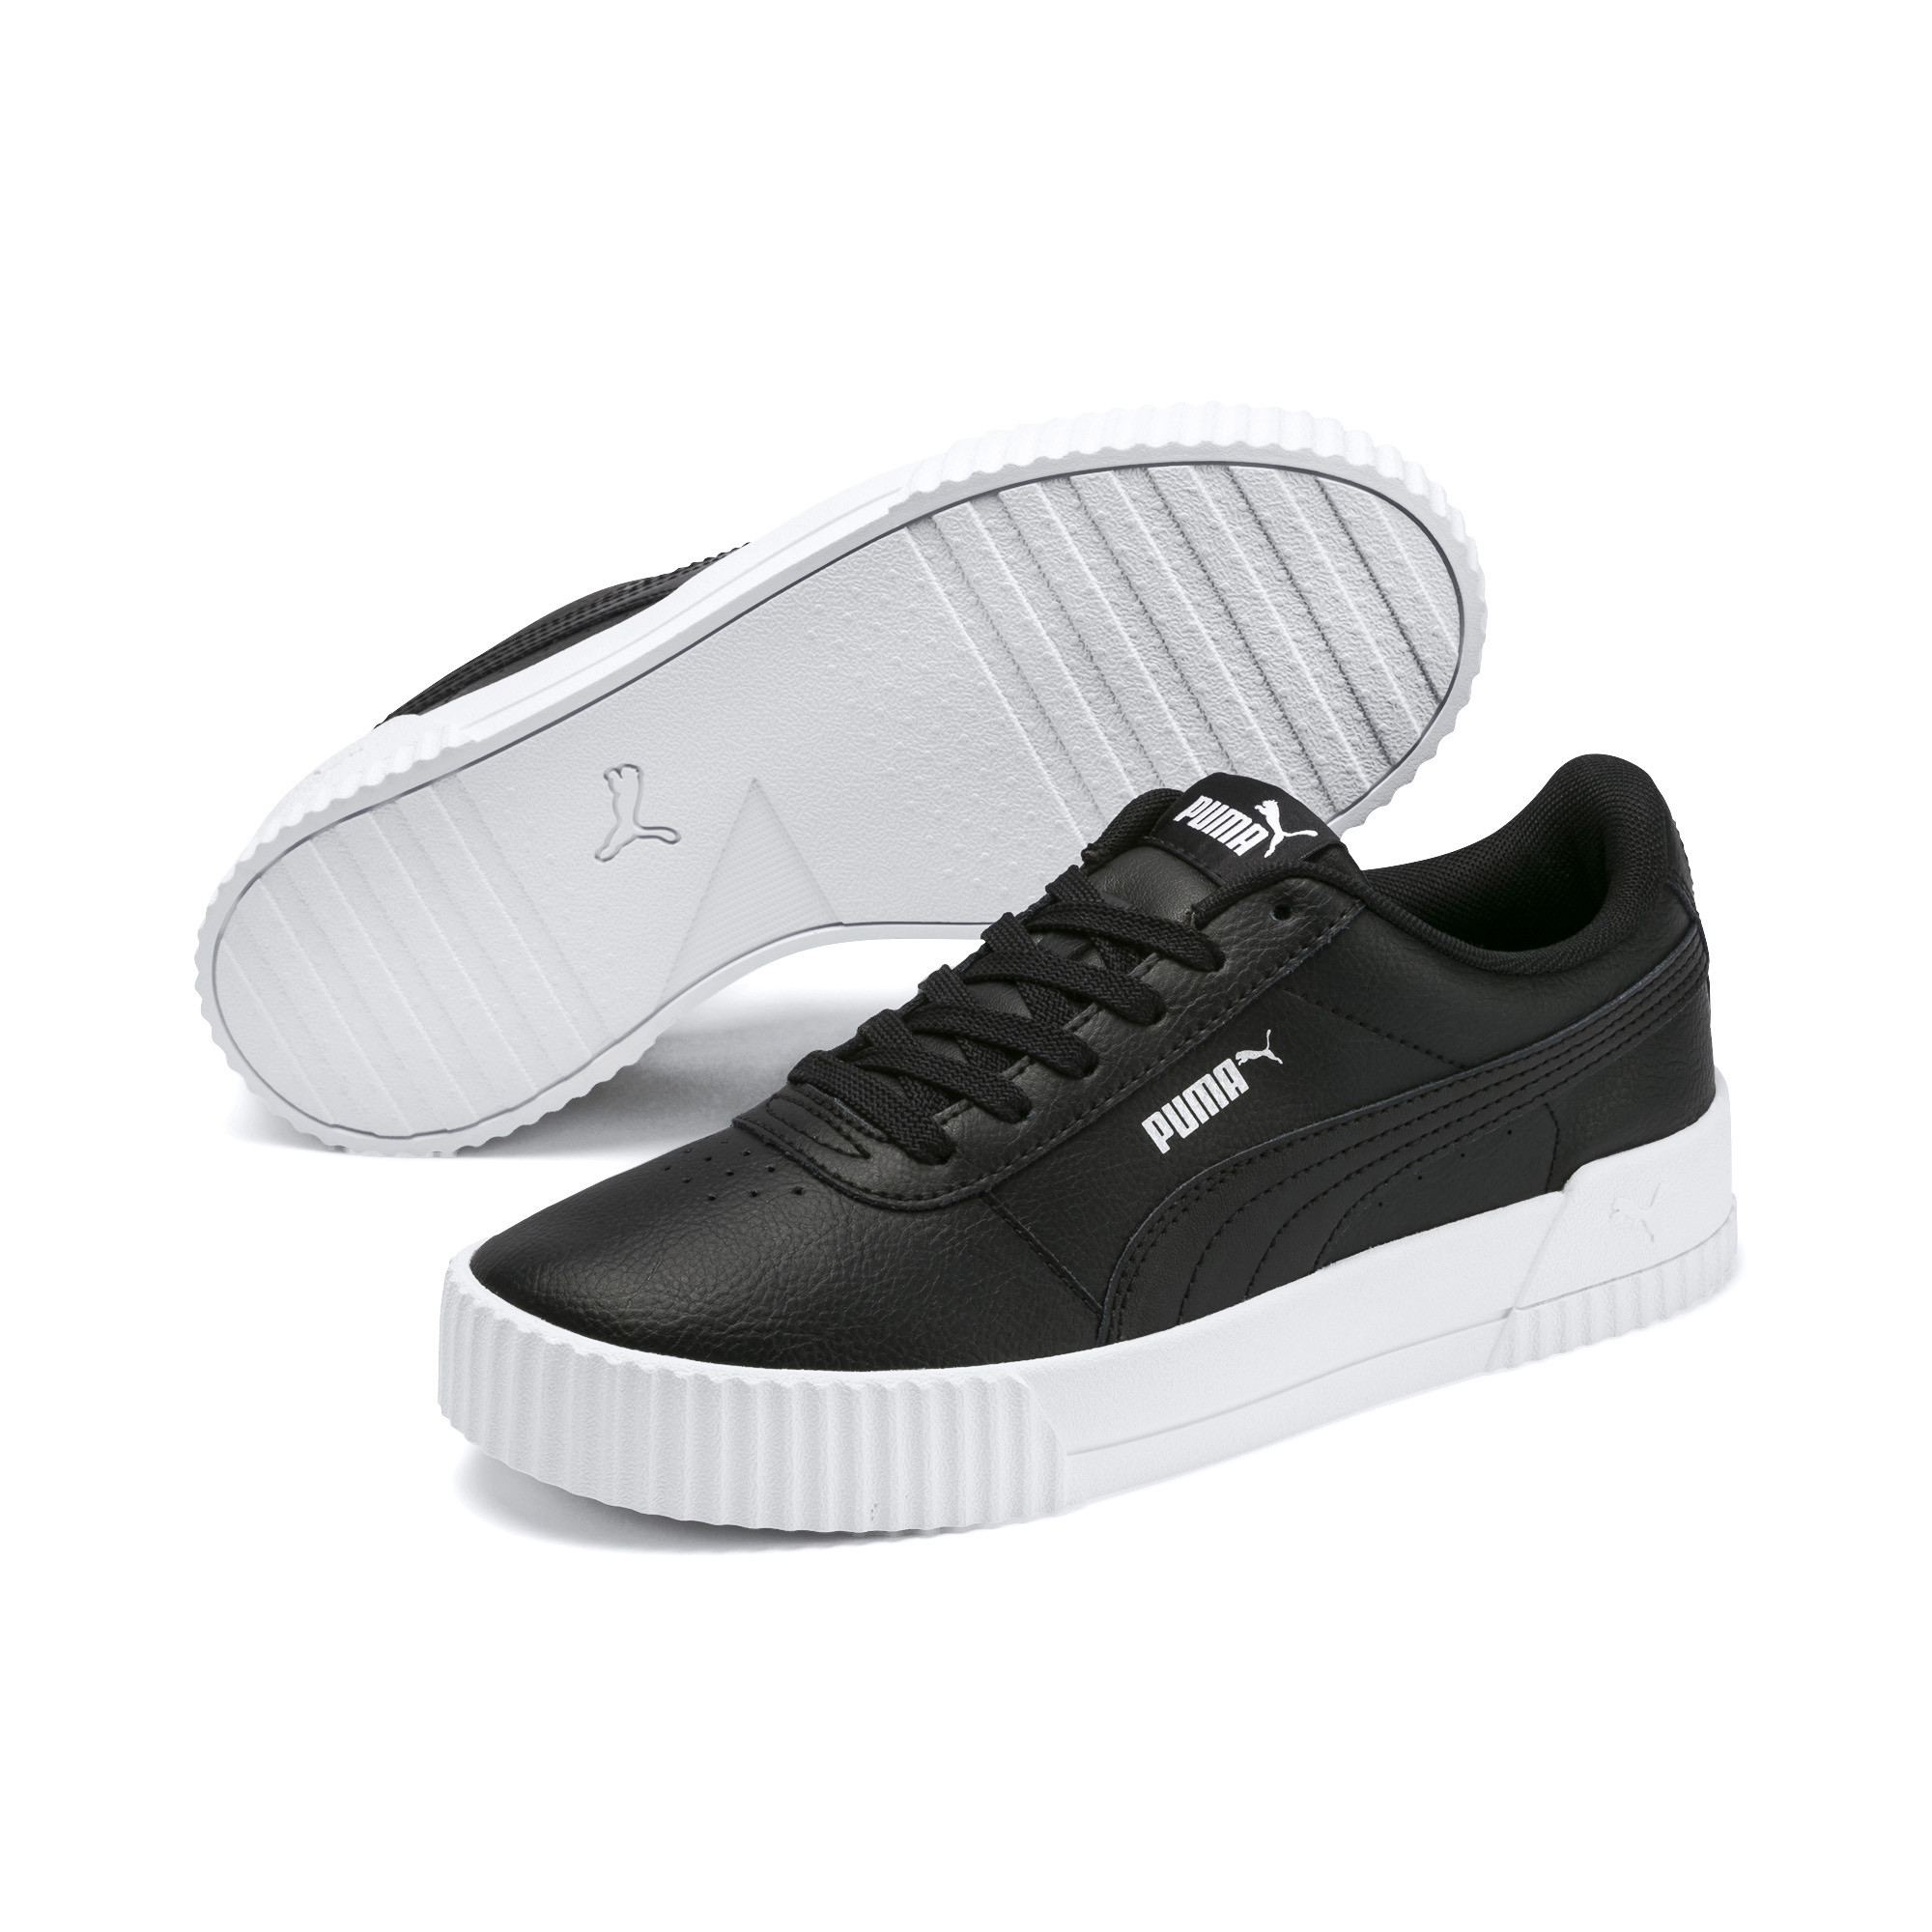 PUMA Carina Damen Sneaker Frauen Schuhe Basics Neu | eBay